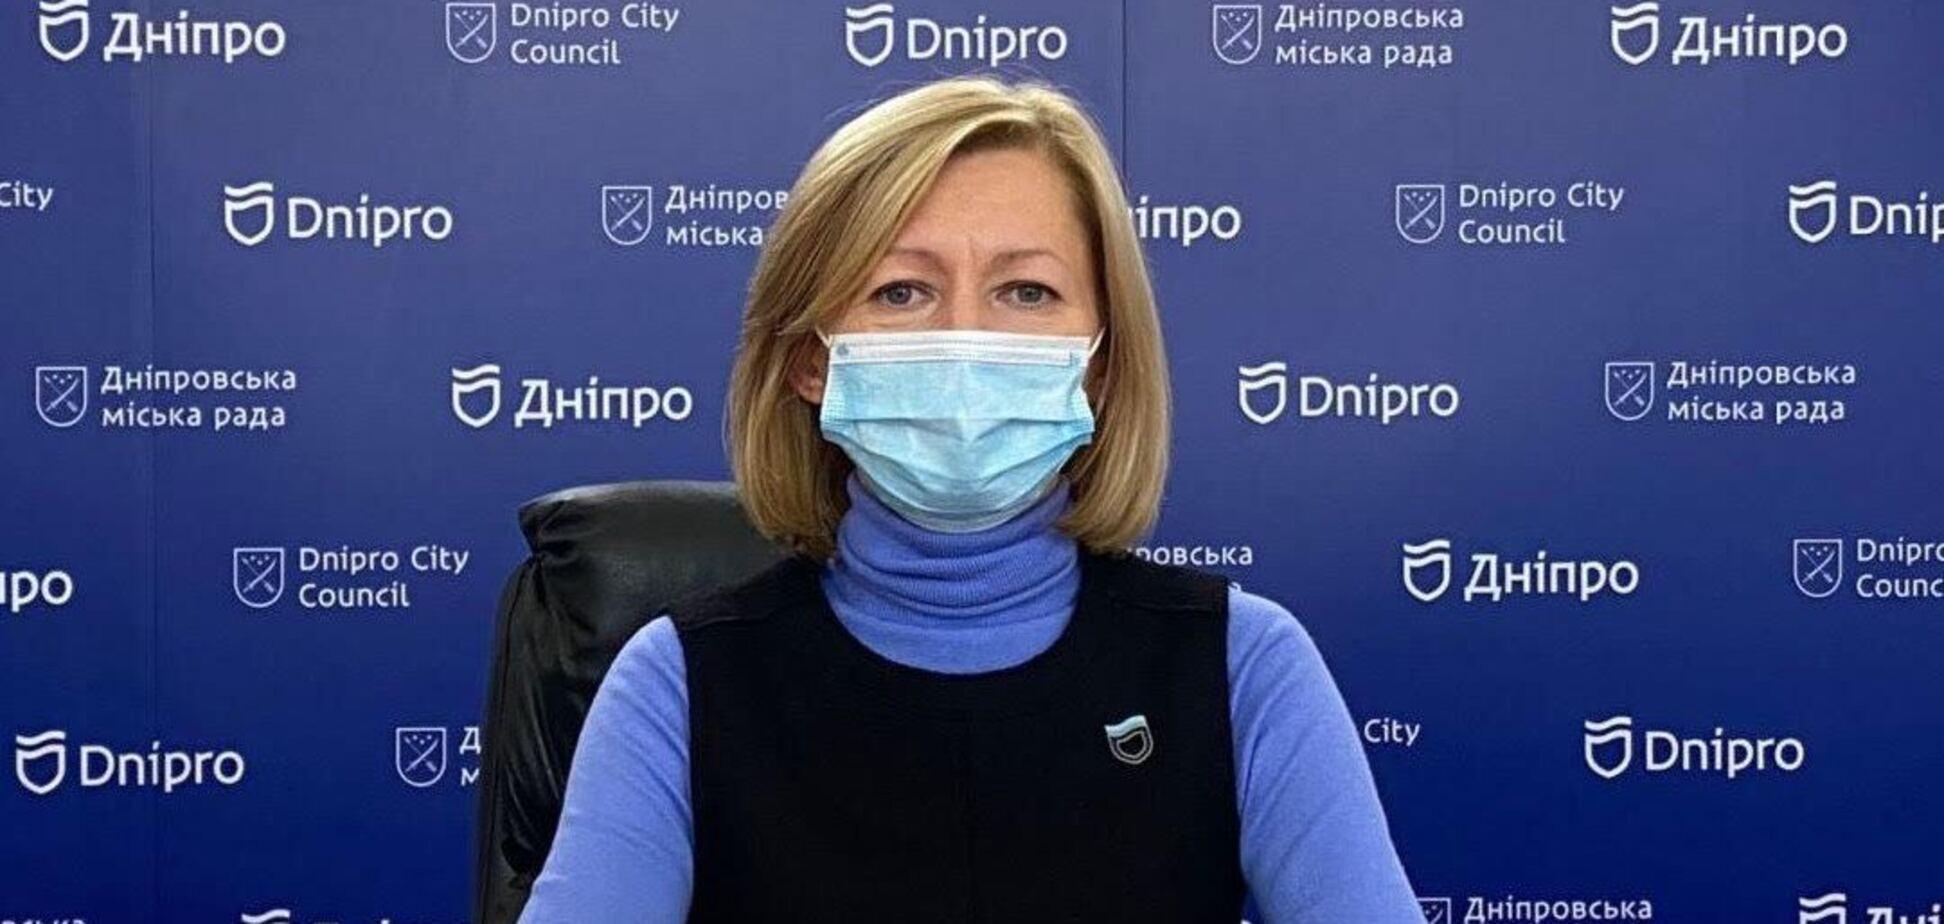 Оксана Салогуб сообщила о соблюдении мер инфекционной безопасности во время выборов